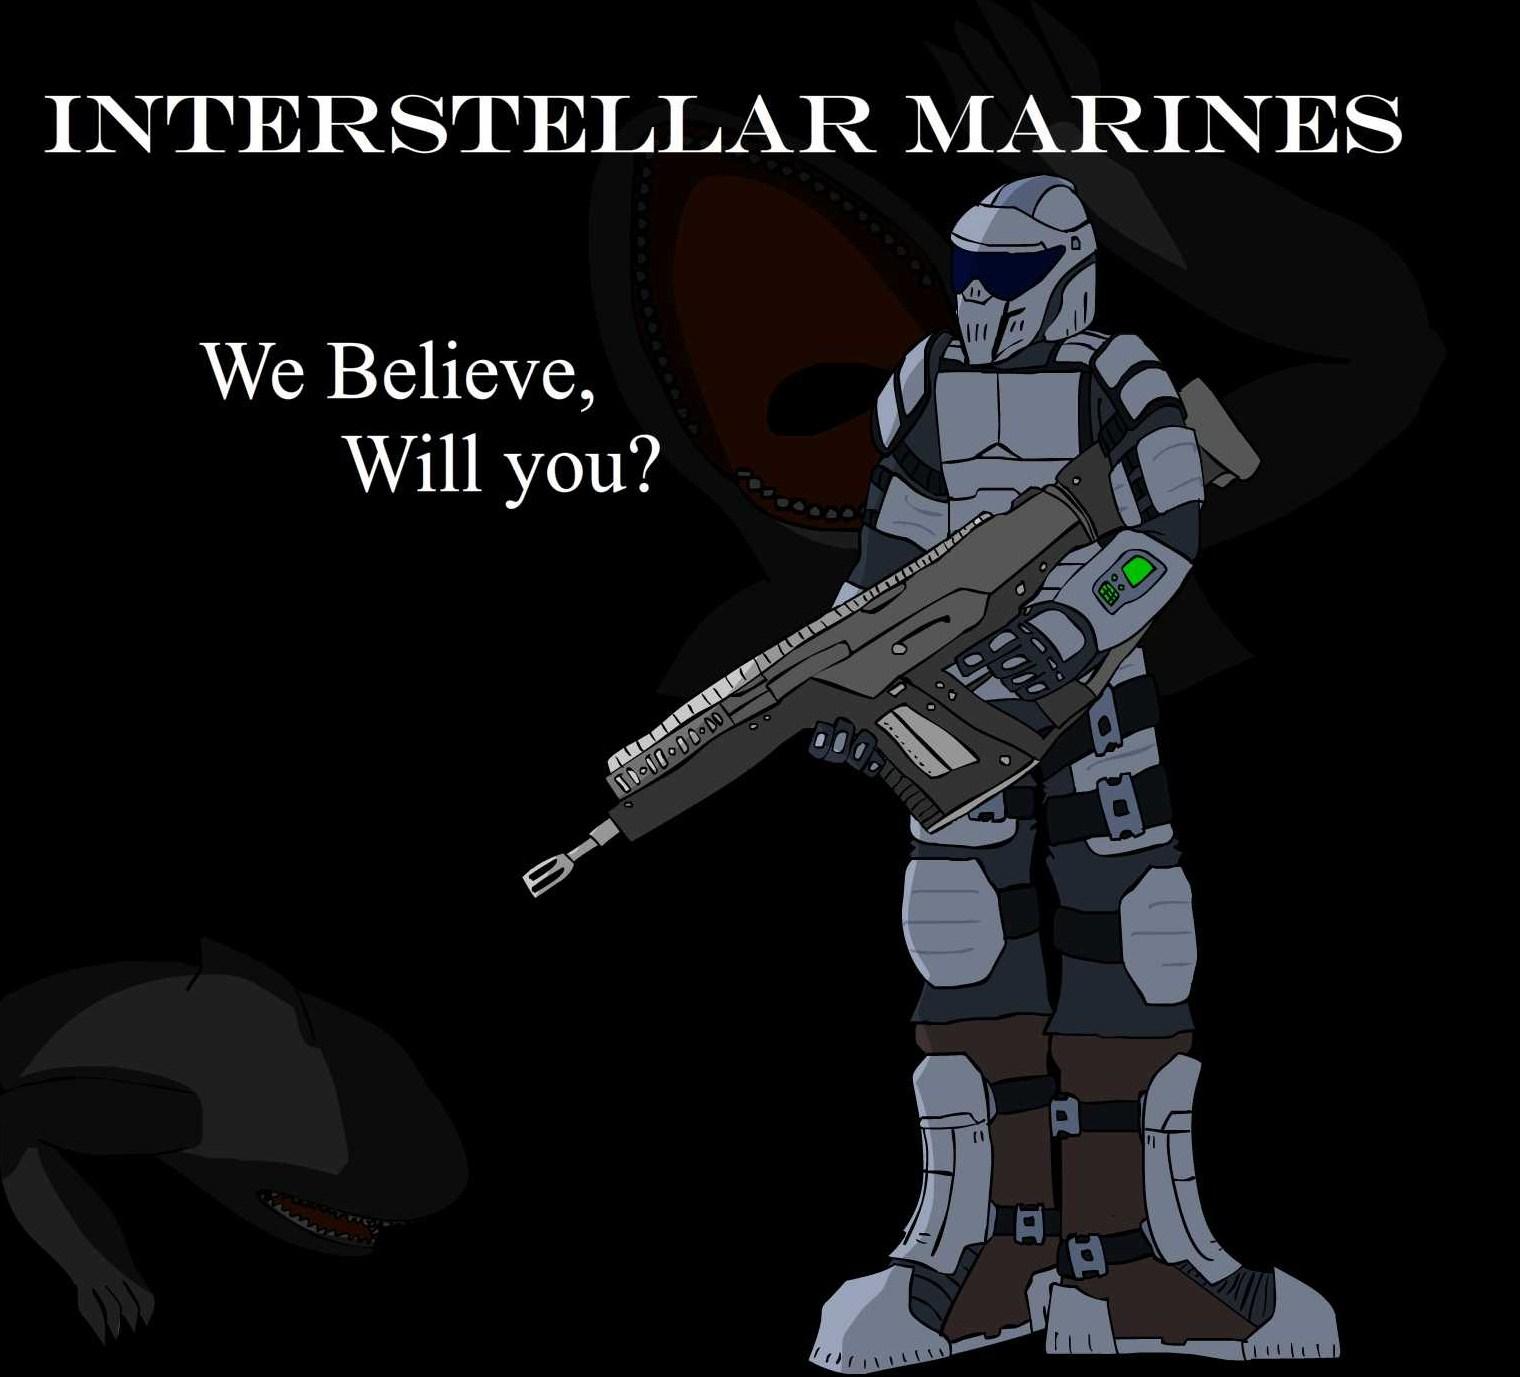 Interstellar Marines Wallpaper a Interstellar Marines